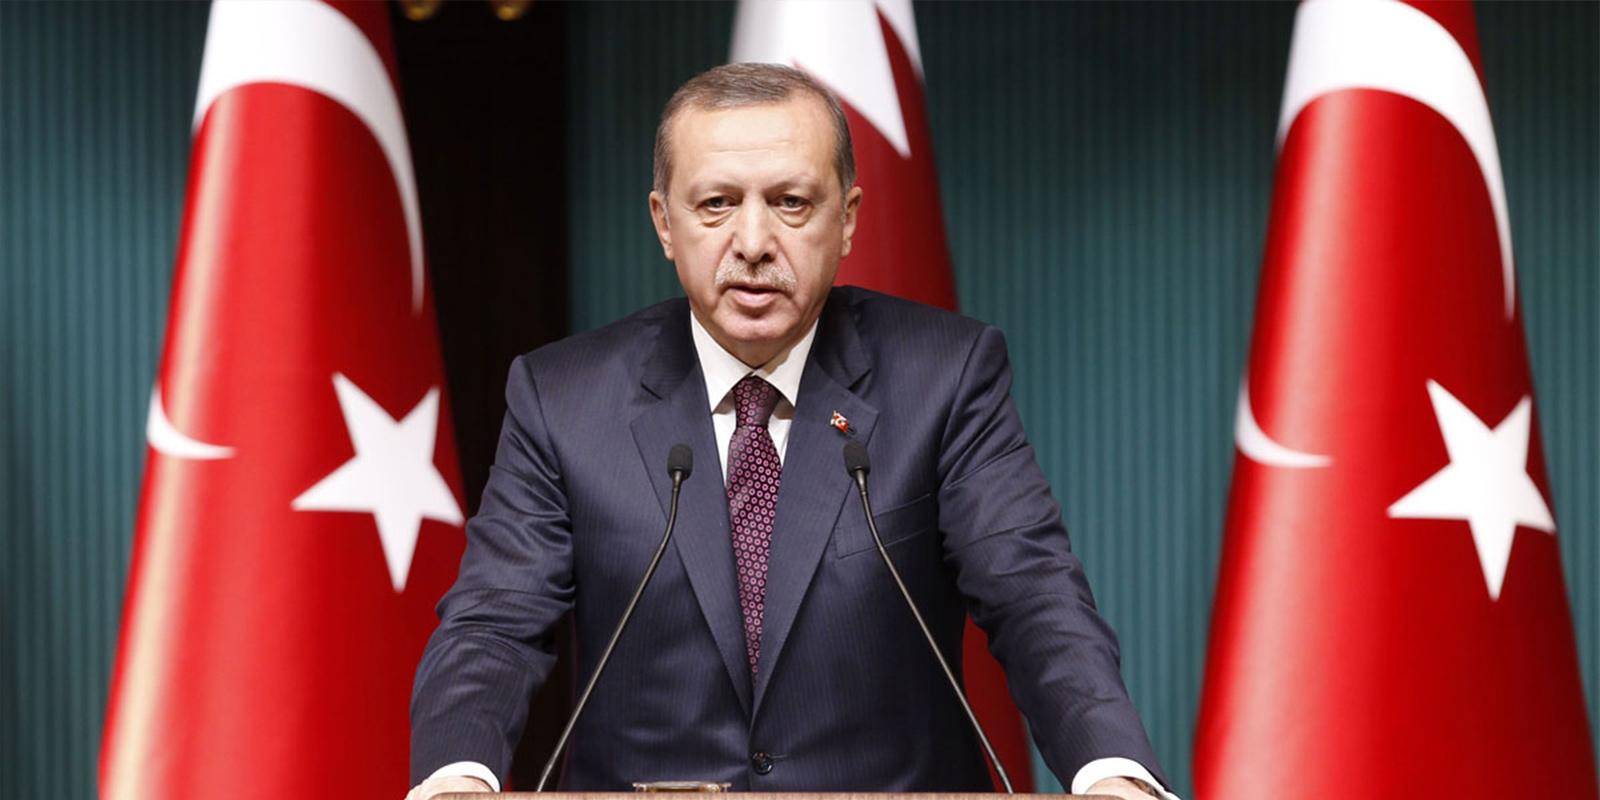 SON DAKİKA! Cumhurbaşkanı Erdoğan Filistin Devlet Başkanı Abbas ile görüştü